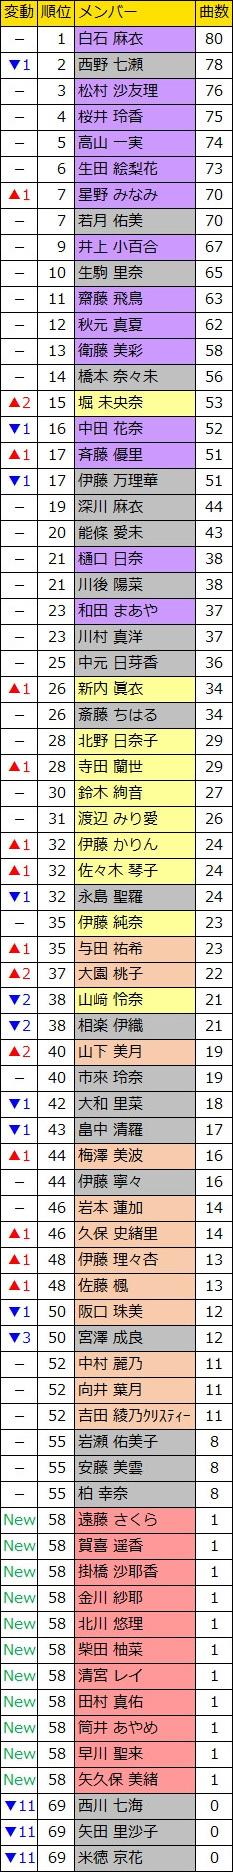 乃木坂46楽曲参加ランキング(1st~22ndシングル/1st~4th+アンダーアルバム 全185曲)